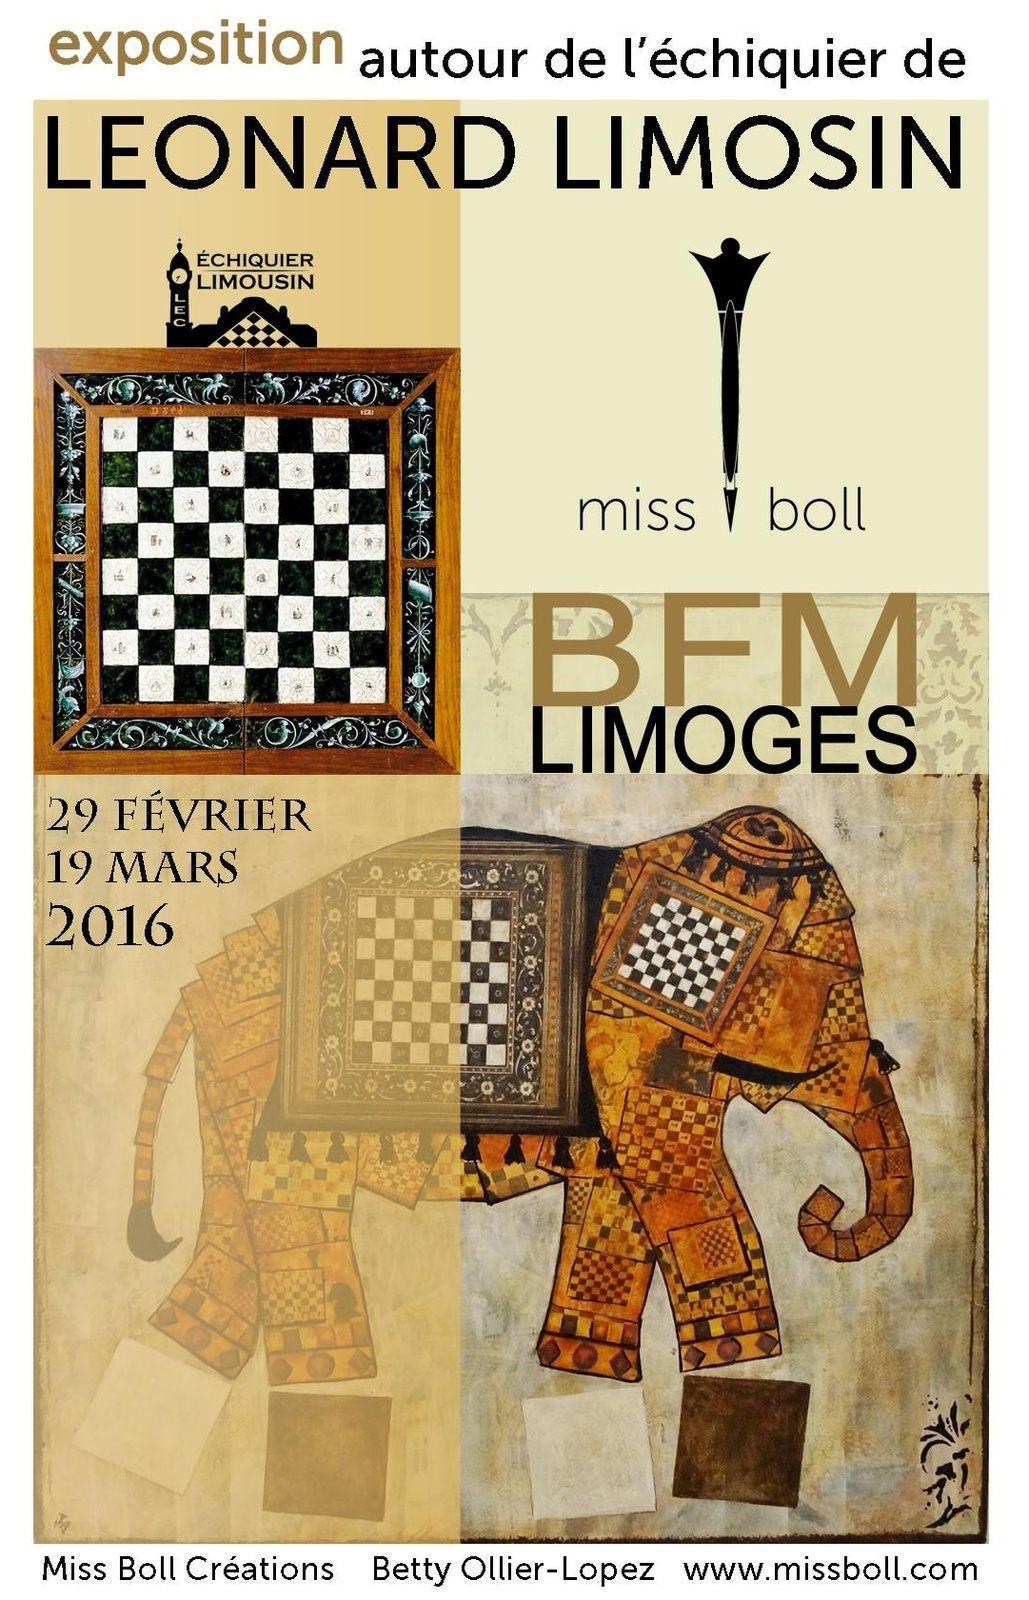 EXPOSITION A LA BFM DE LIMOGES